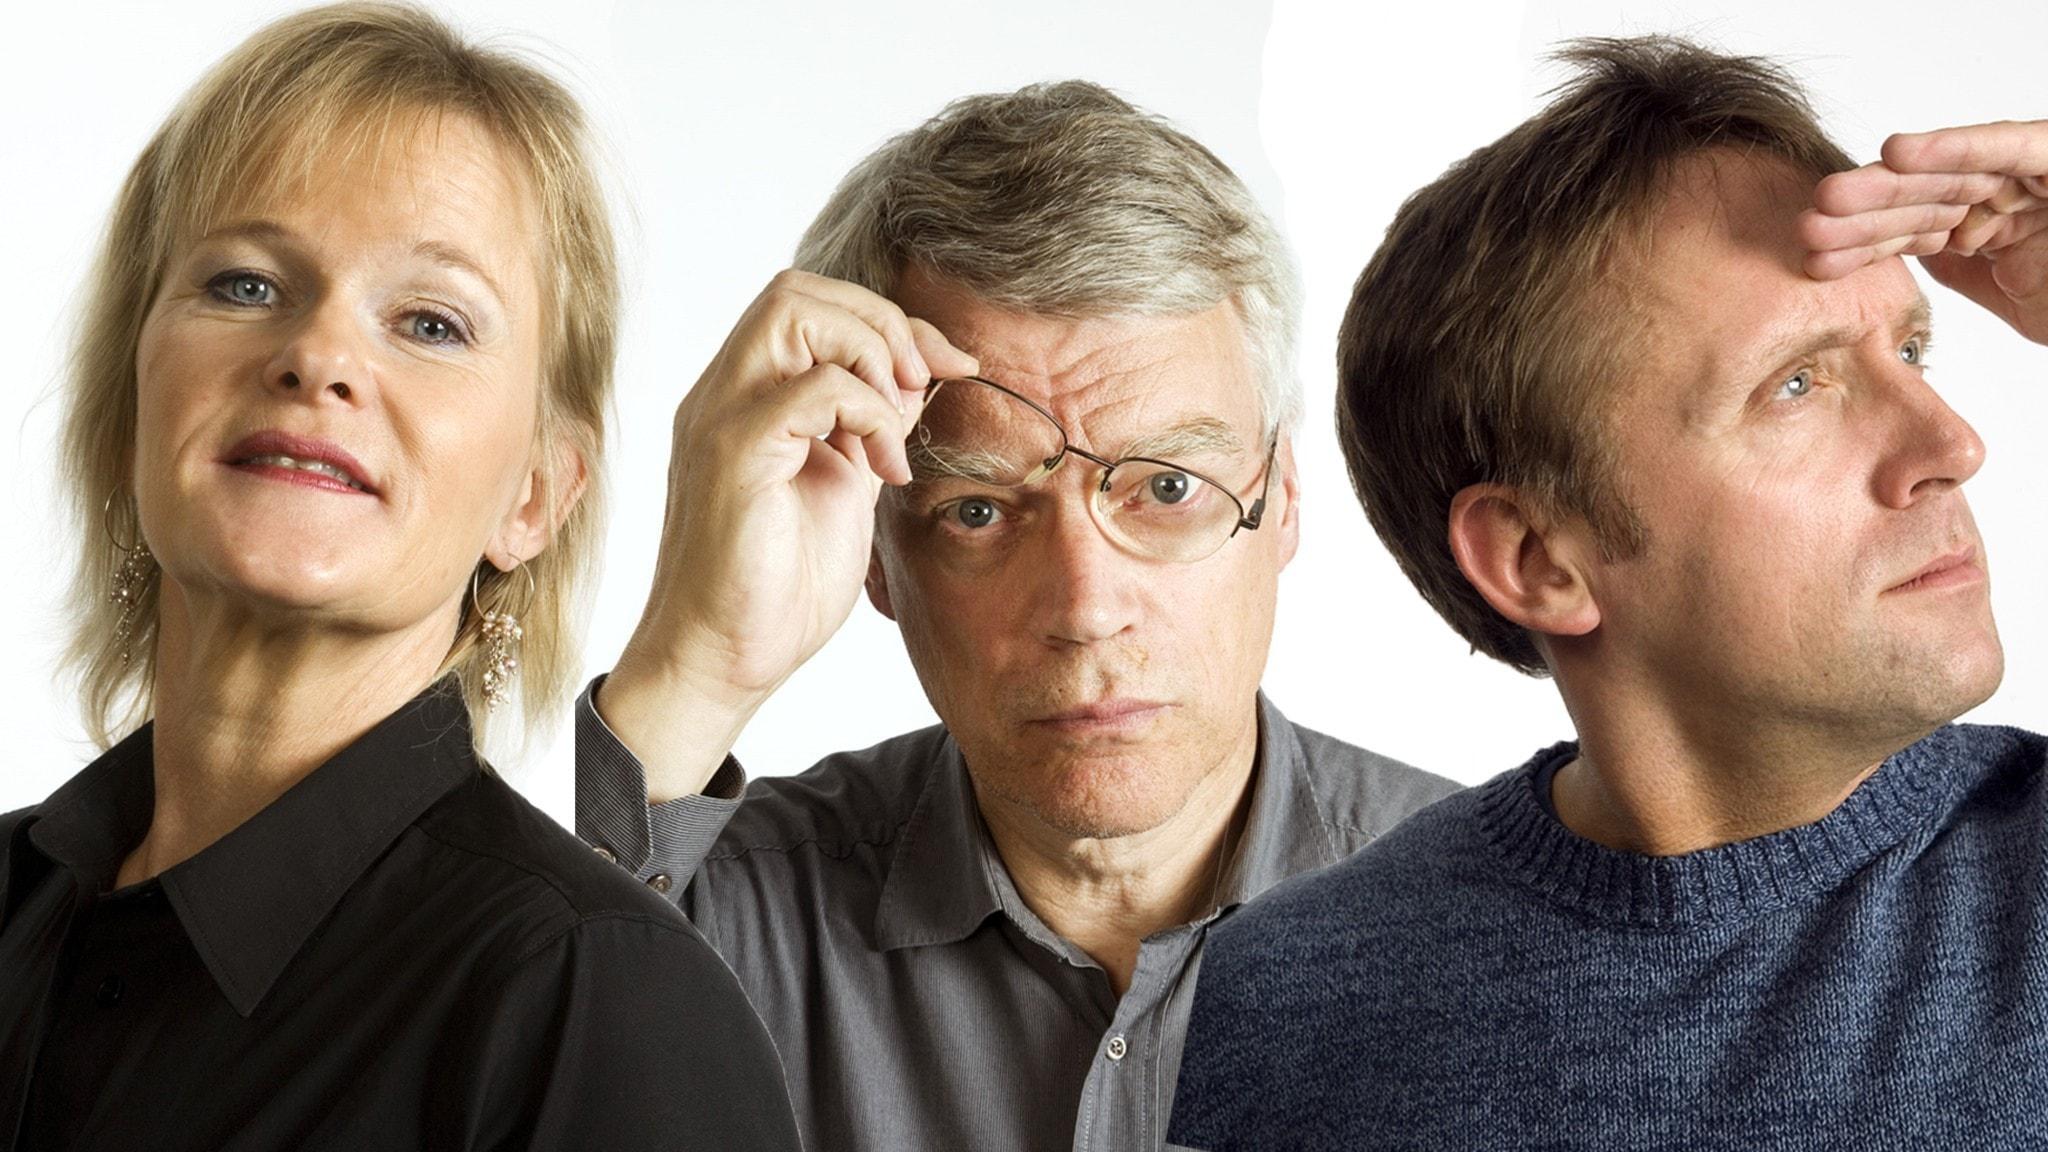 Sissela Kyle, Jonas Hallberg och Göran Everdahl står för veckans framtidsprofetior i Spanarna.